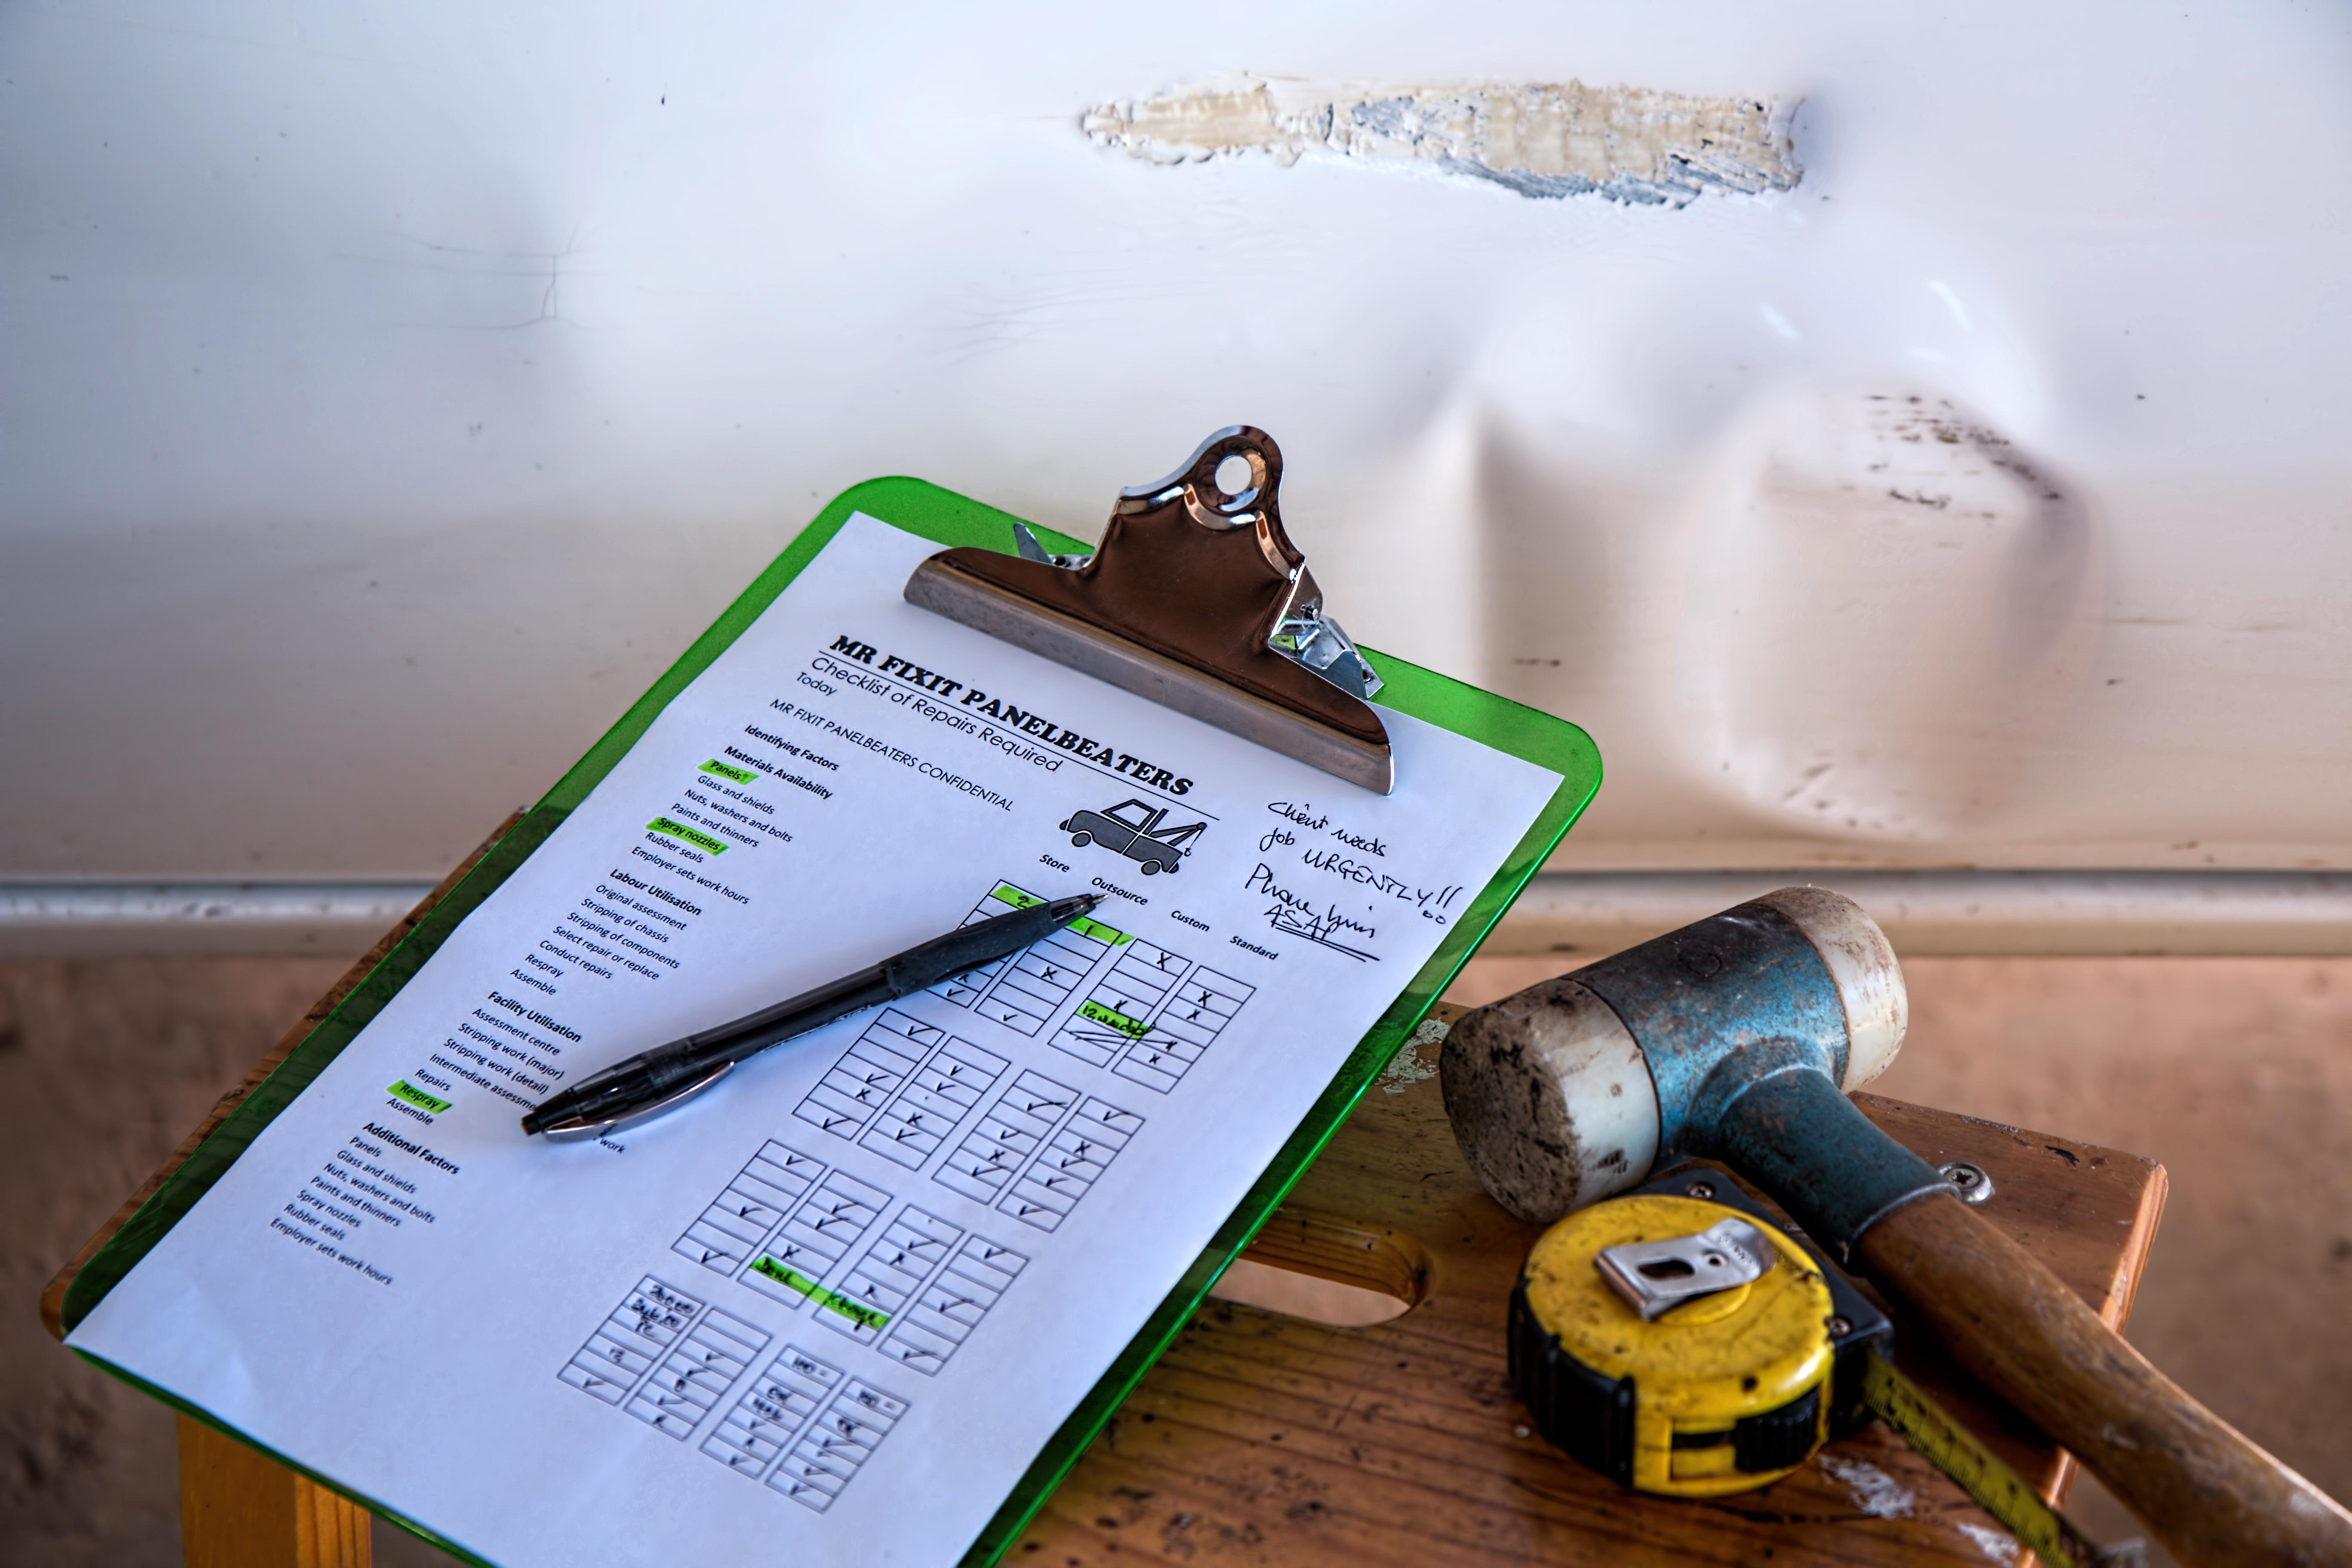 Car Repair Estimate >> Free Images : writing, green, vehicle, drive, art ...